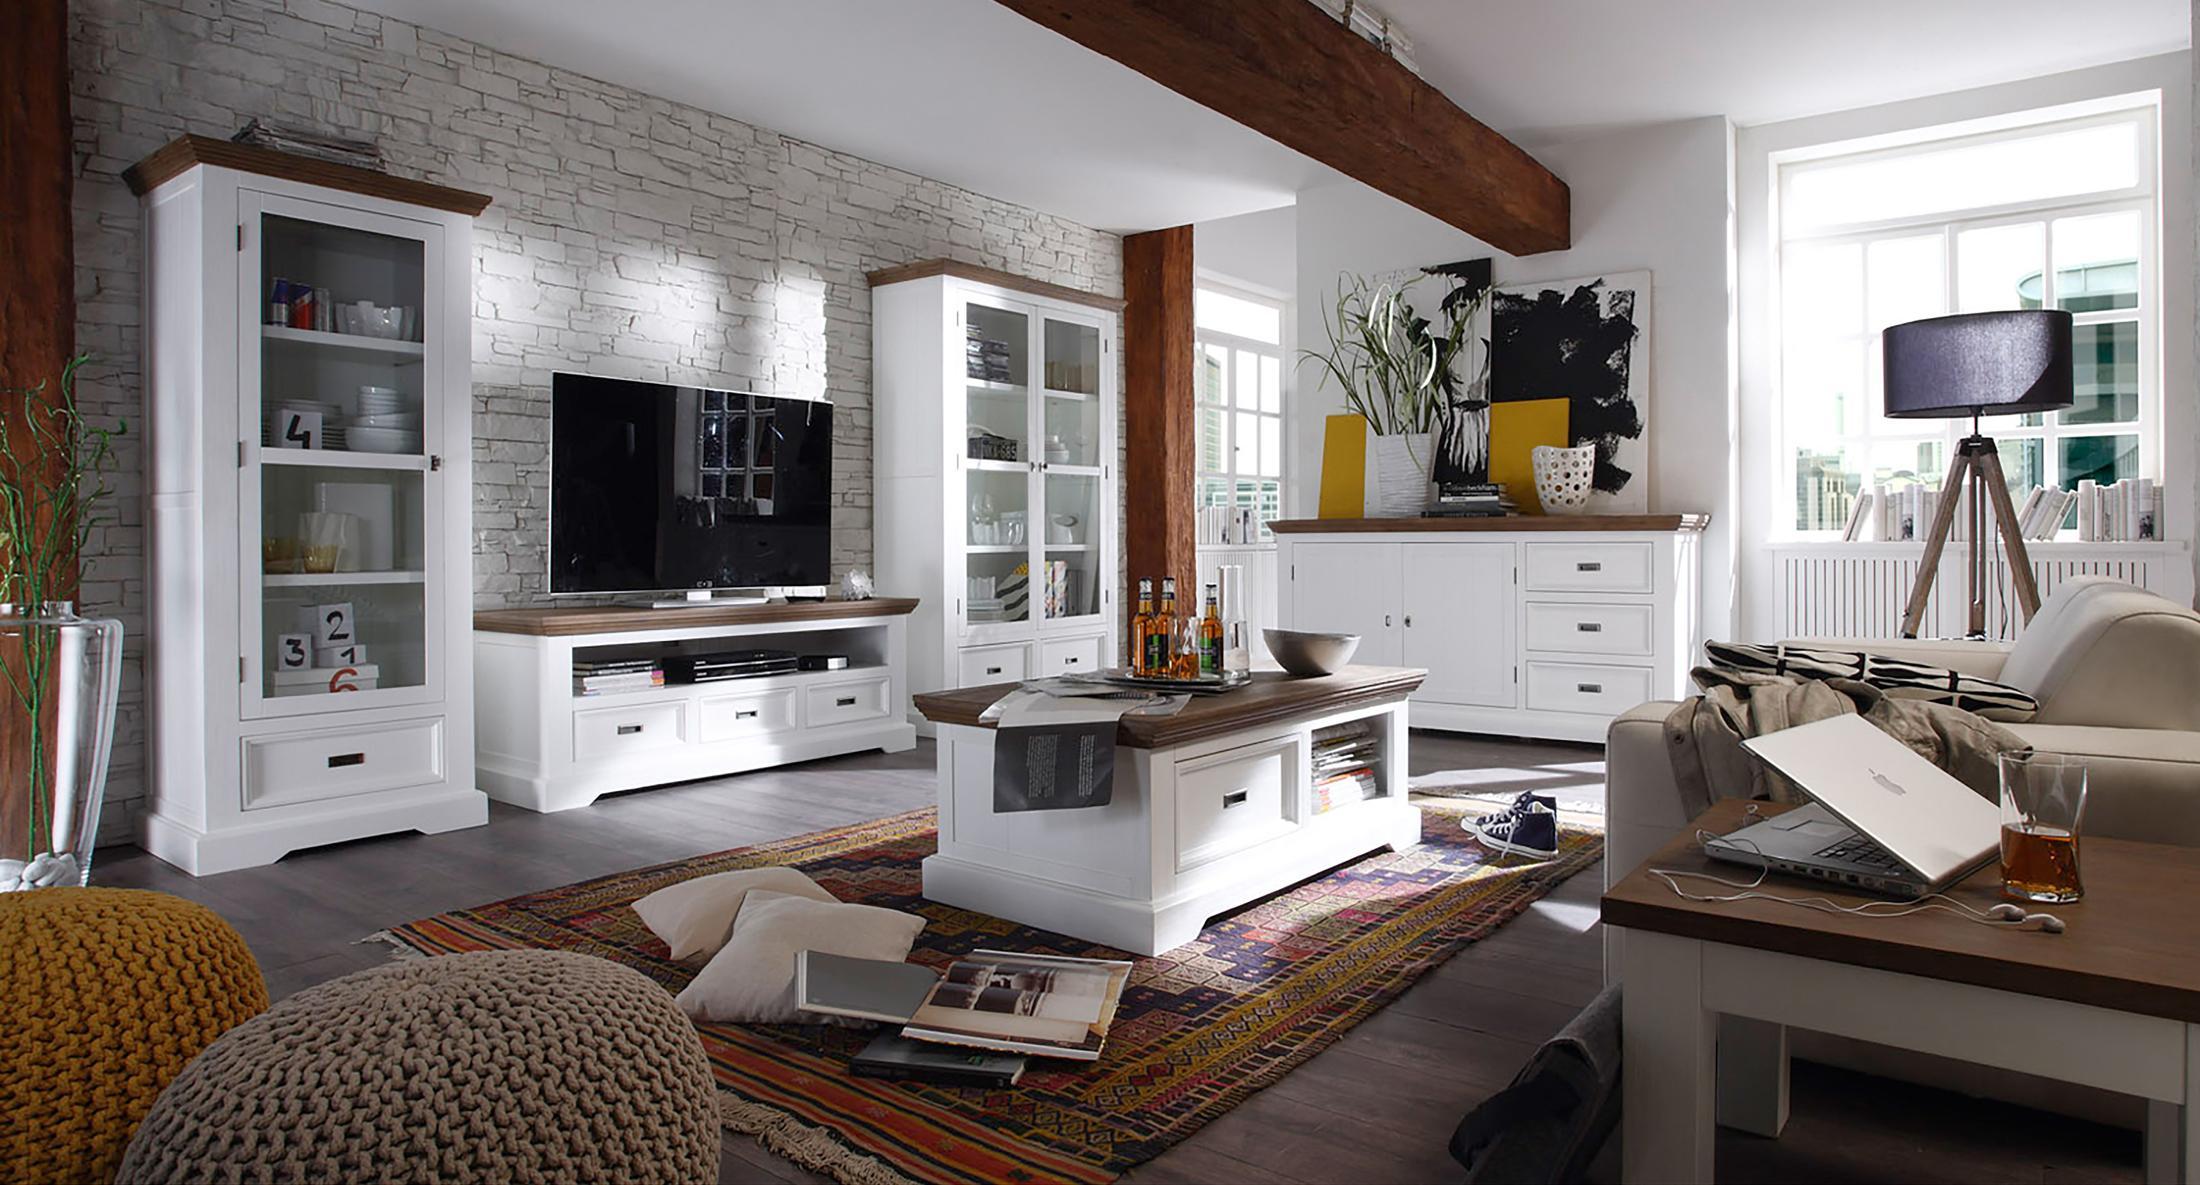 Wohnzimmer Mit Weissen Mobeln Gestalten Couchtisch Beistelltisch Teppich Schrank Sofa